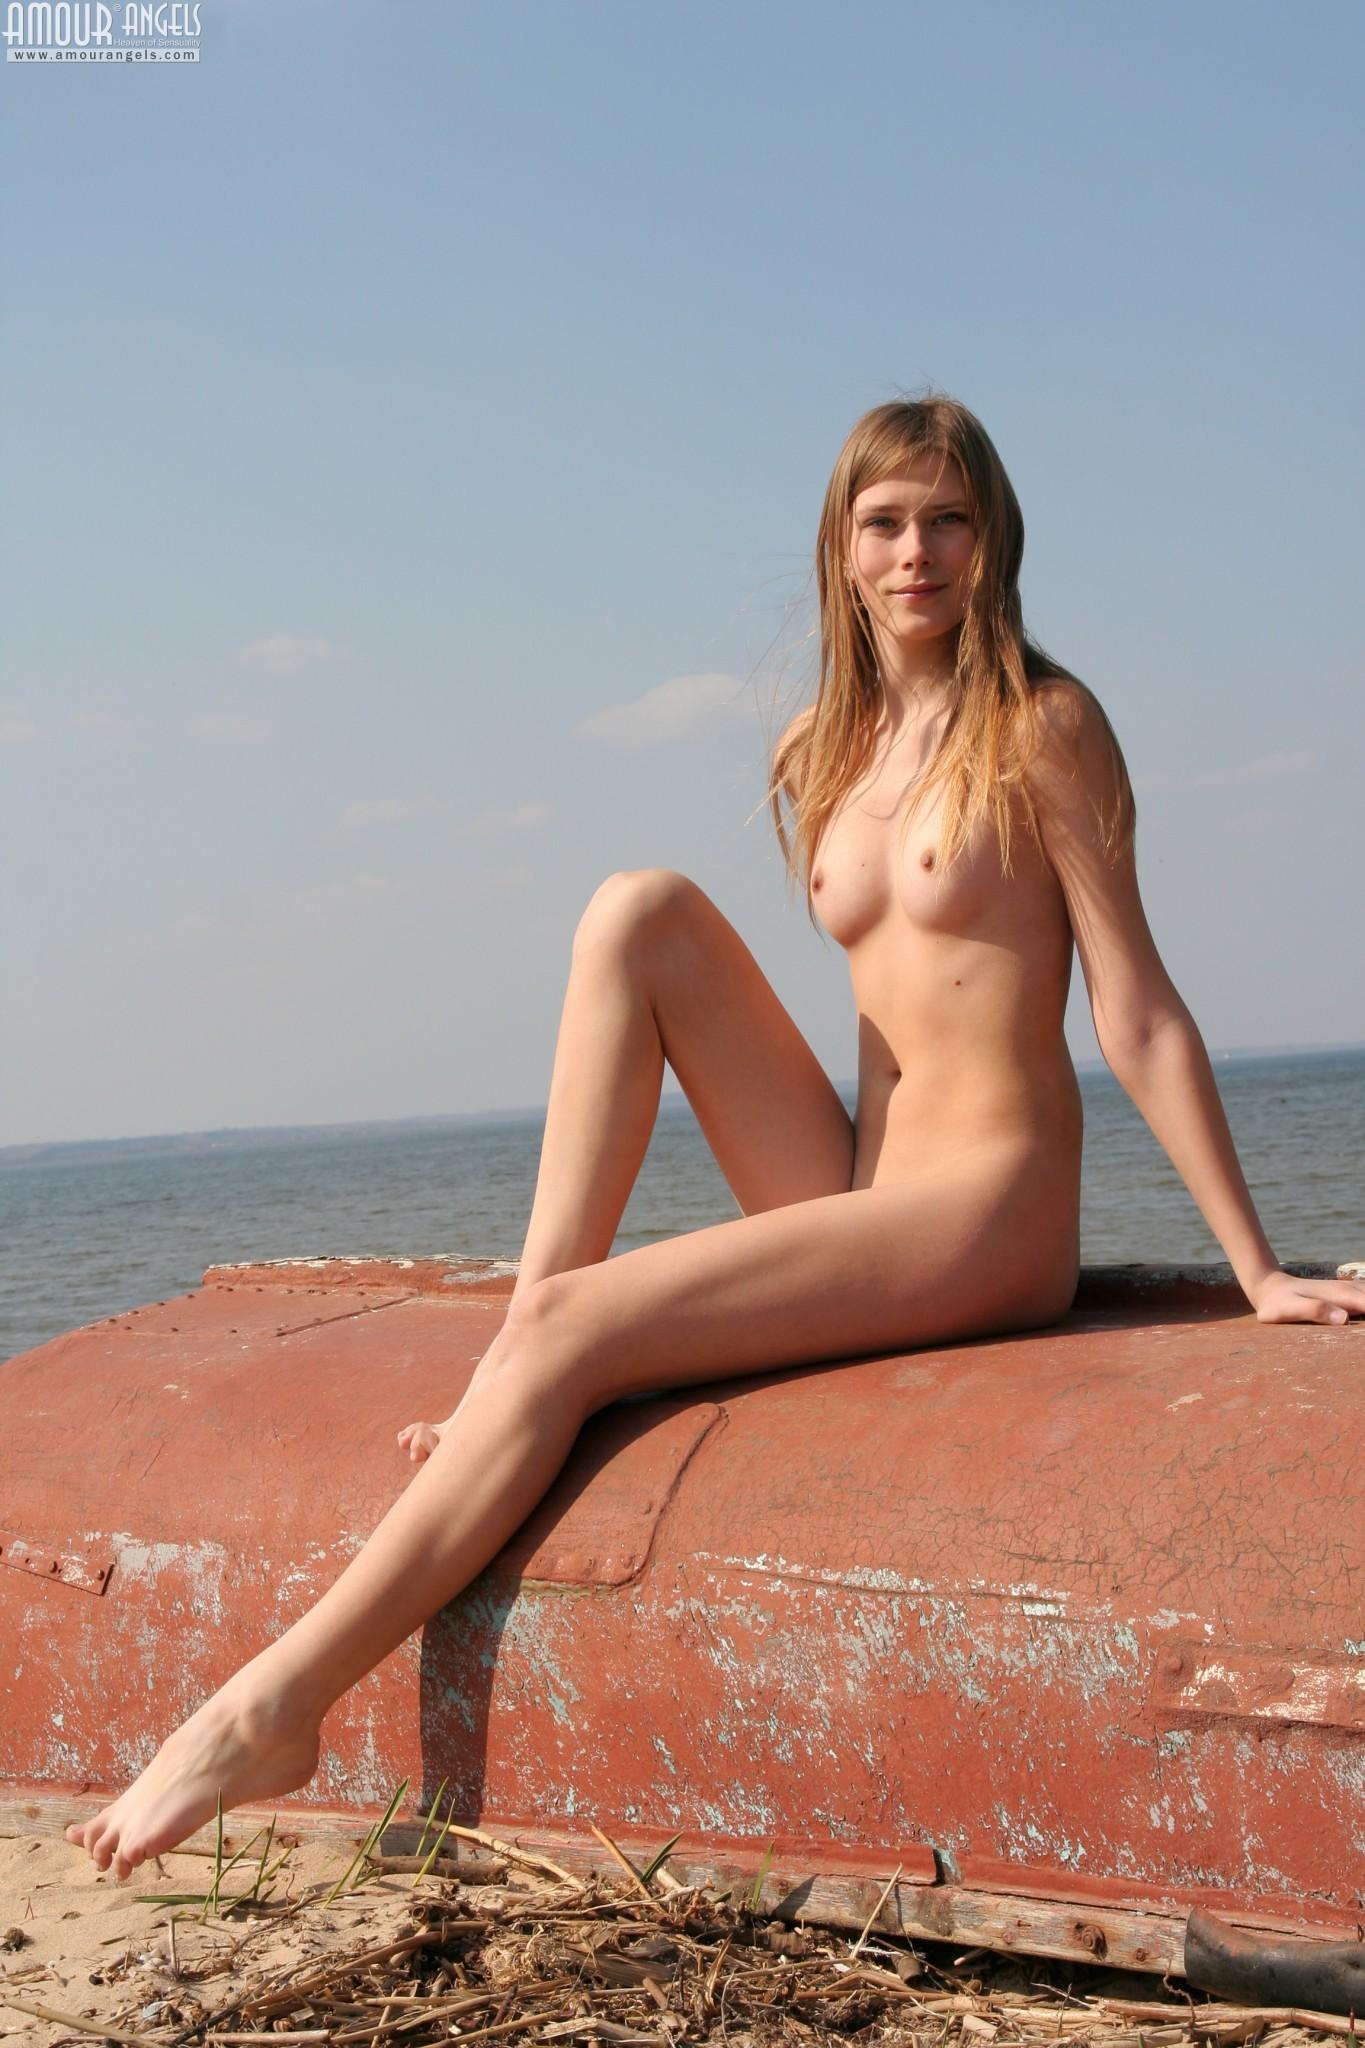 Голая украинская модель Олеся позирует в заброшенном доме и на пустом пляже